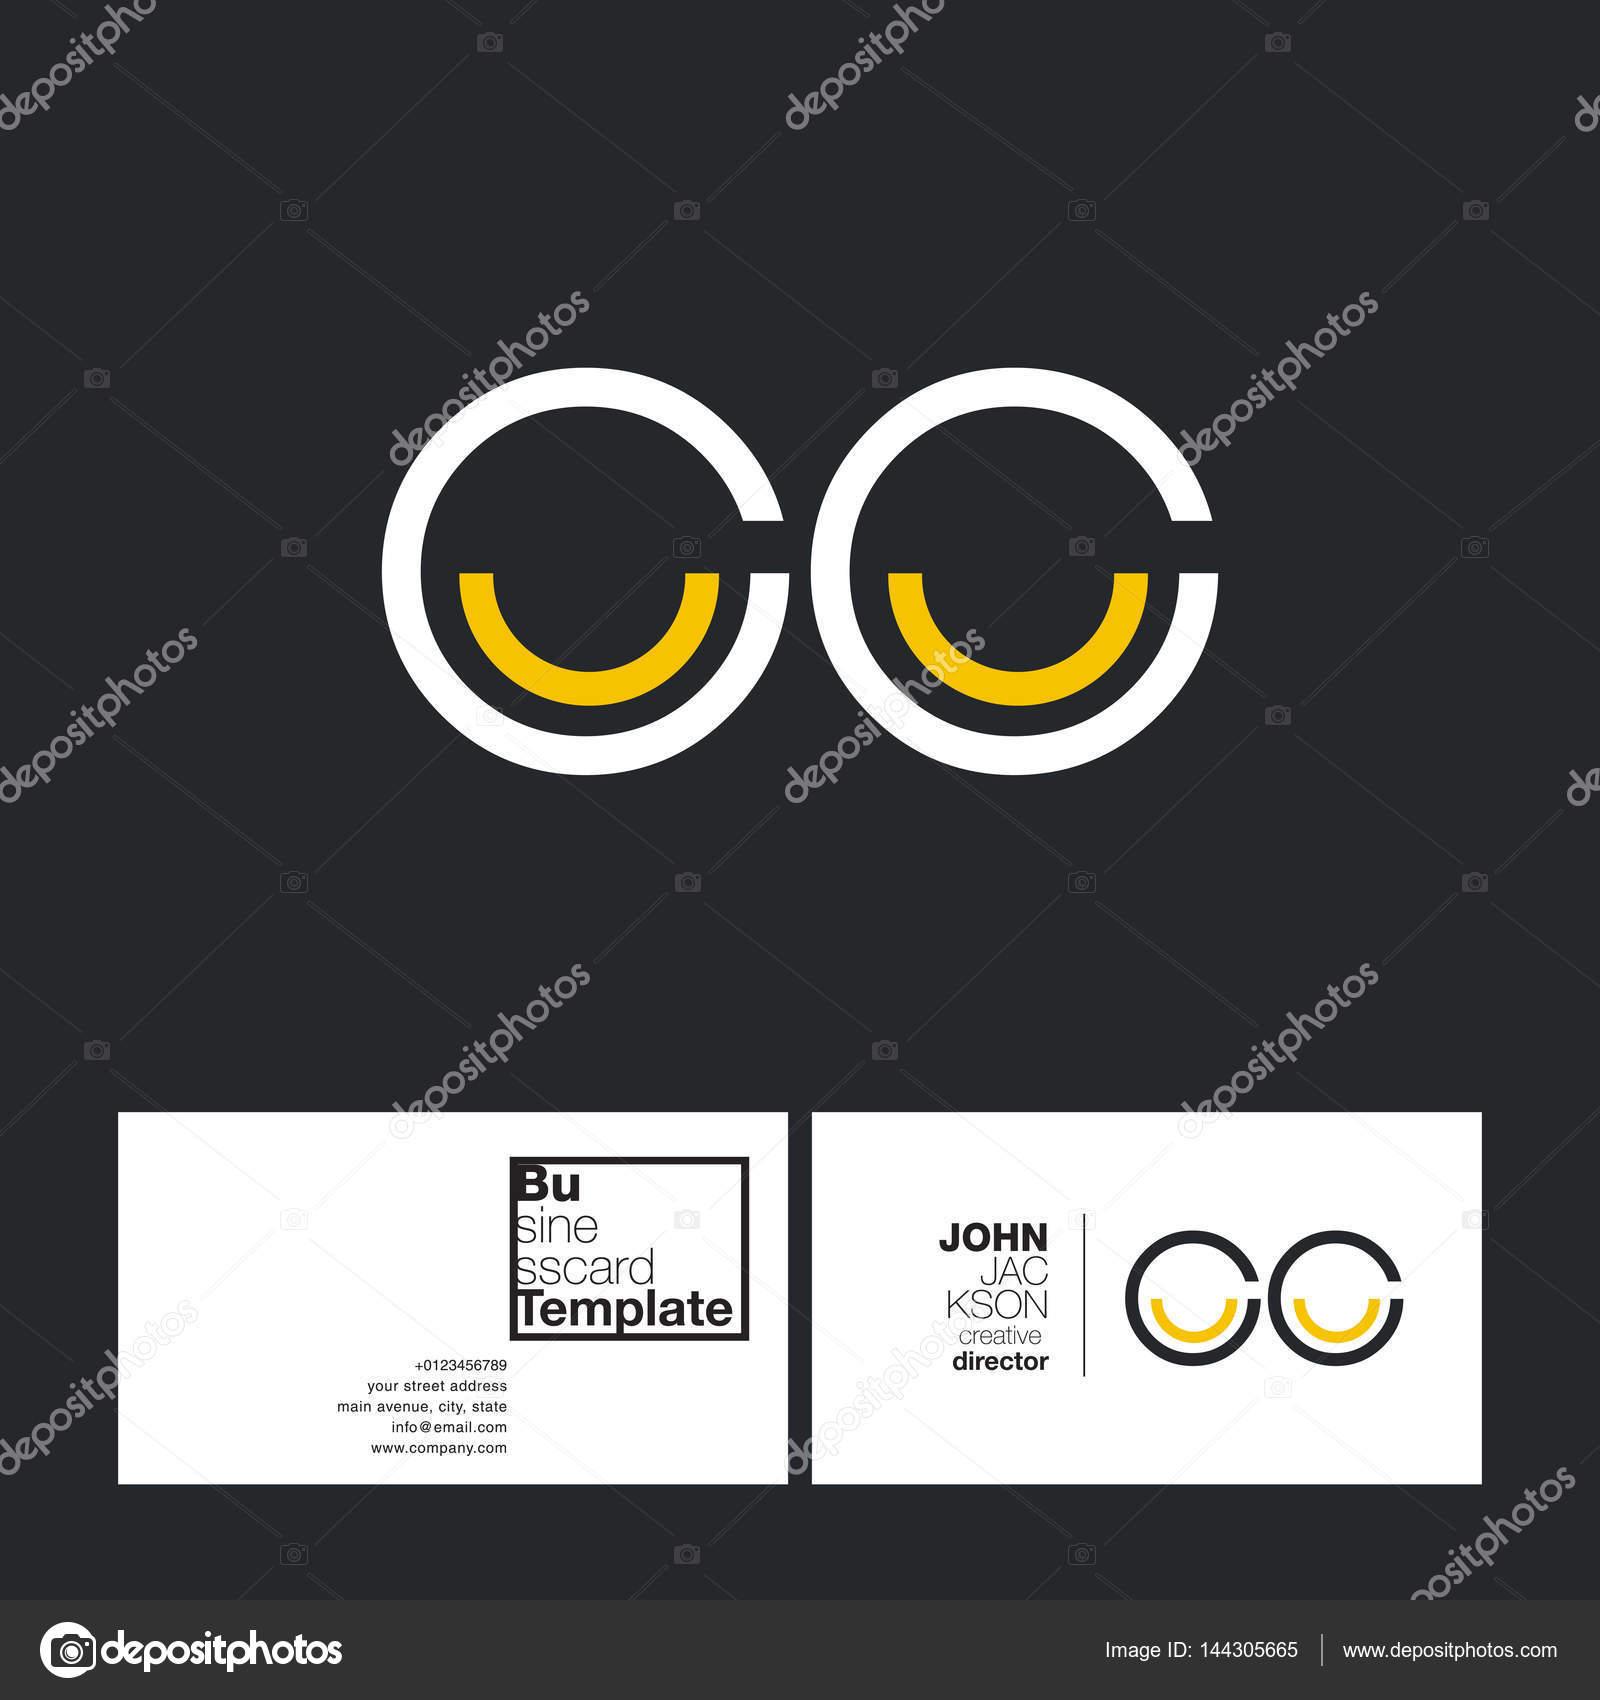 Tour De Logo Societe Des Lettres Avec Illustration Vectorielle Carte Visite Modele Identite Dentreprise Vecteur Par Brainbistro